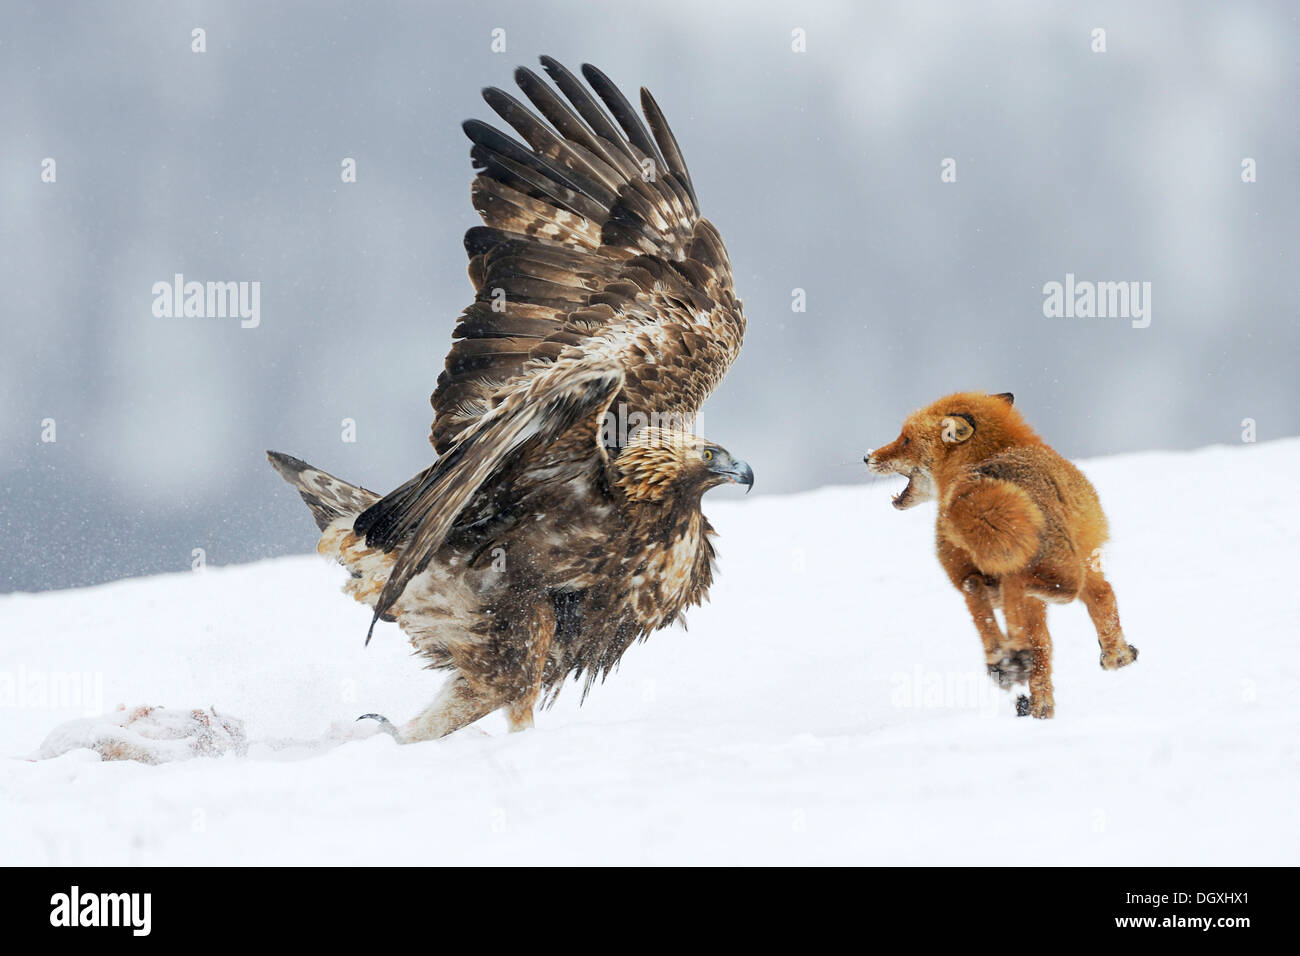 Águila Real (Aquila chrysaetos) luchando con un zorro rojo (Vulpes vulpes) sobre un cadáver, Sineo Kamani Nature Park, Bulgaria Foto de stock